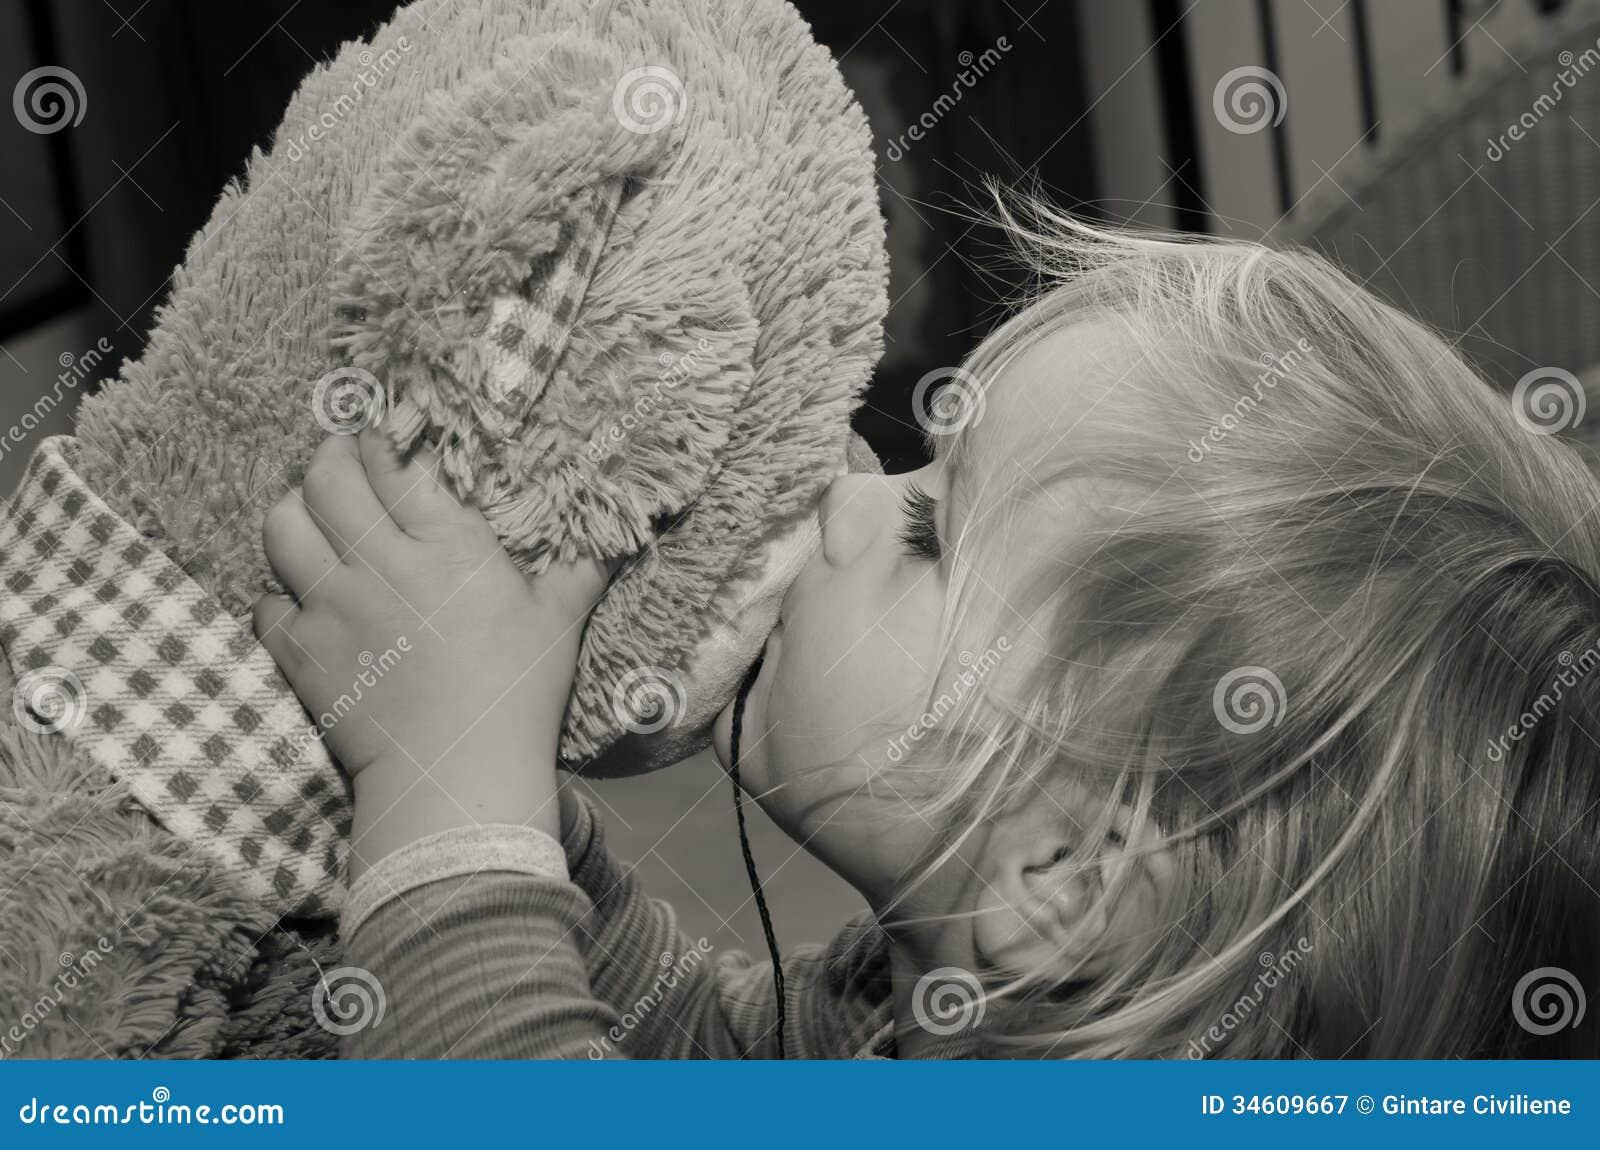 Kussbärnspielzeug des kleinen Mädchens für Auf Wiedersehen